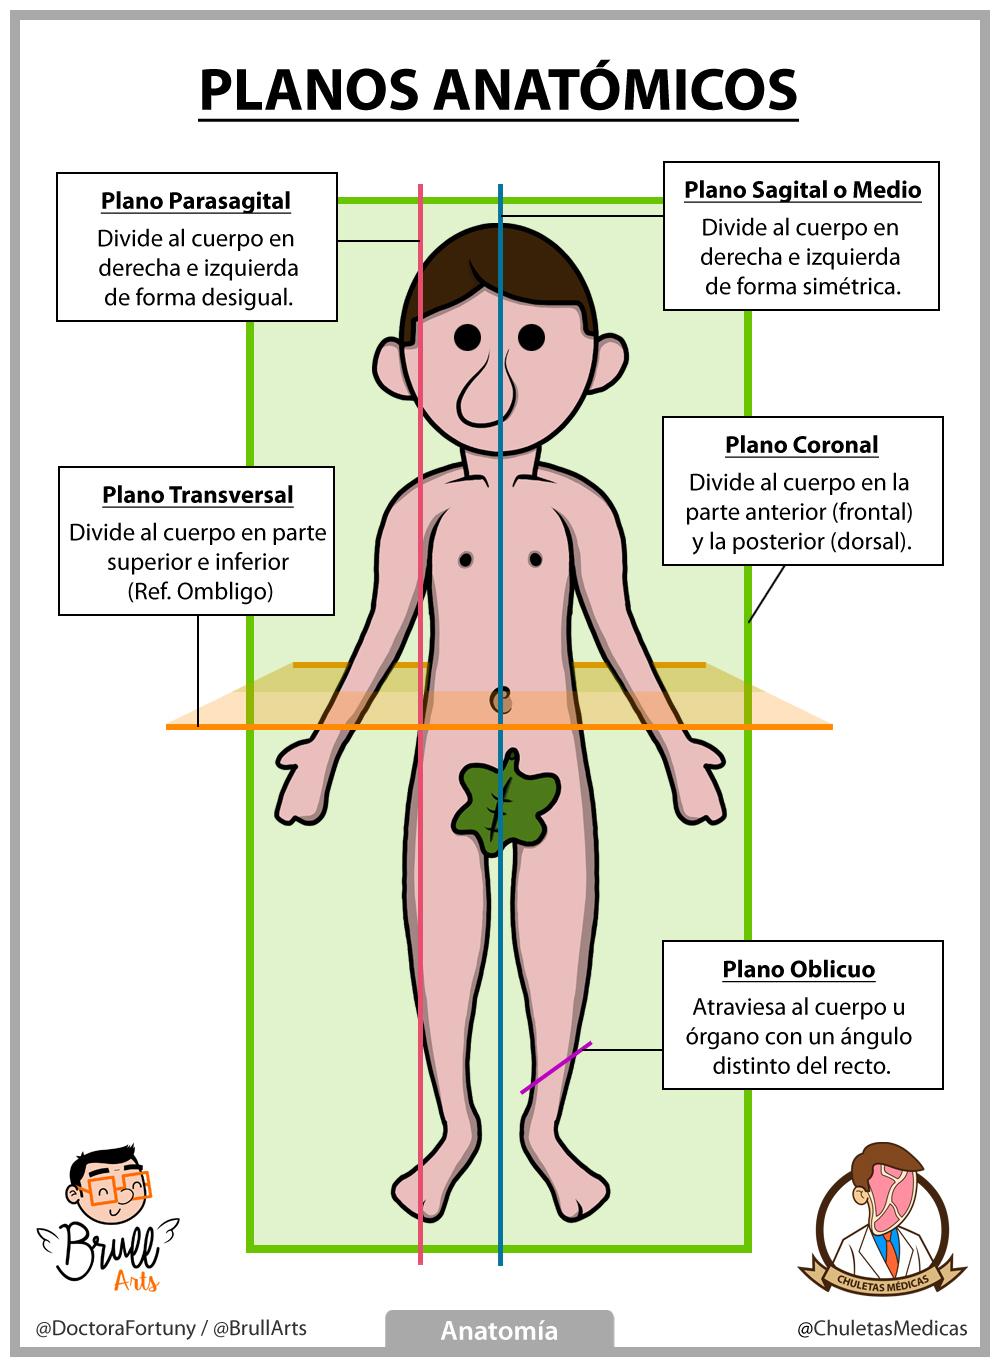 Atractivo Plano Oblicuo Definición Anatomía Motivo - Imágenes de ...